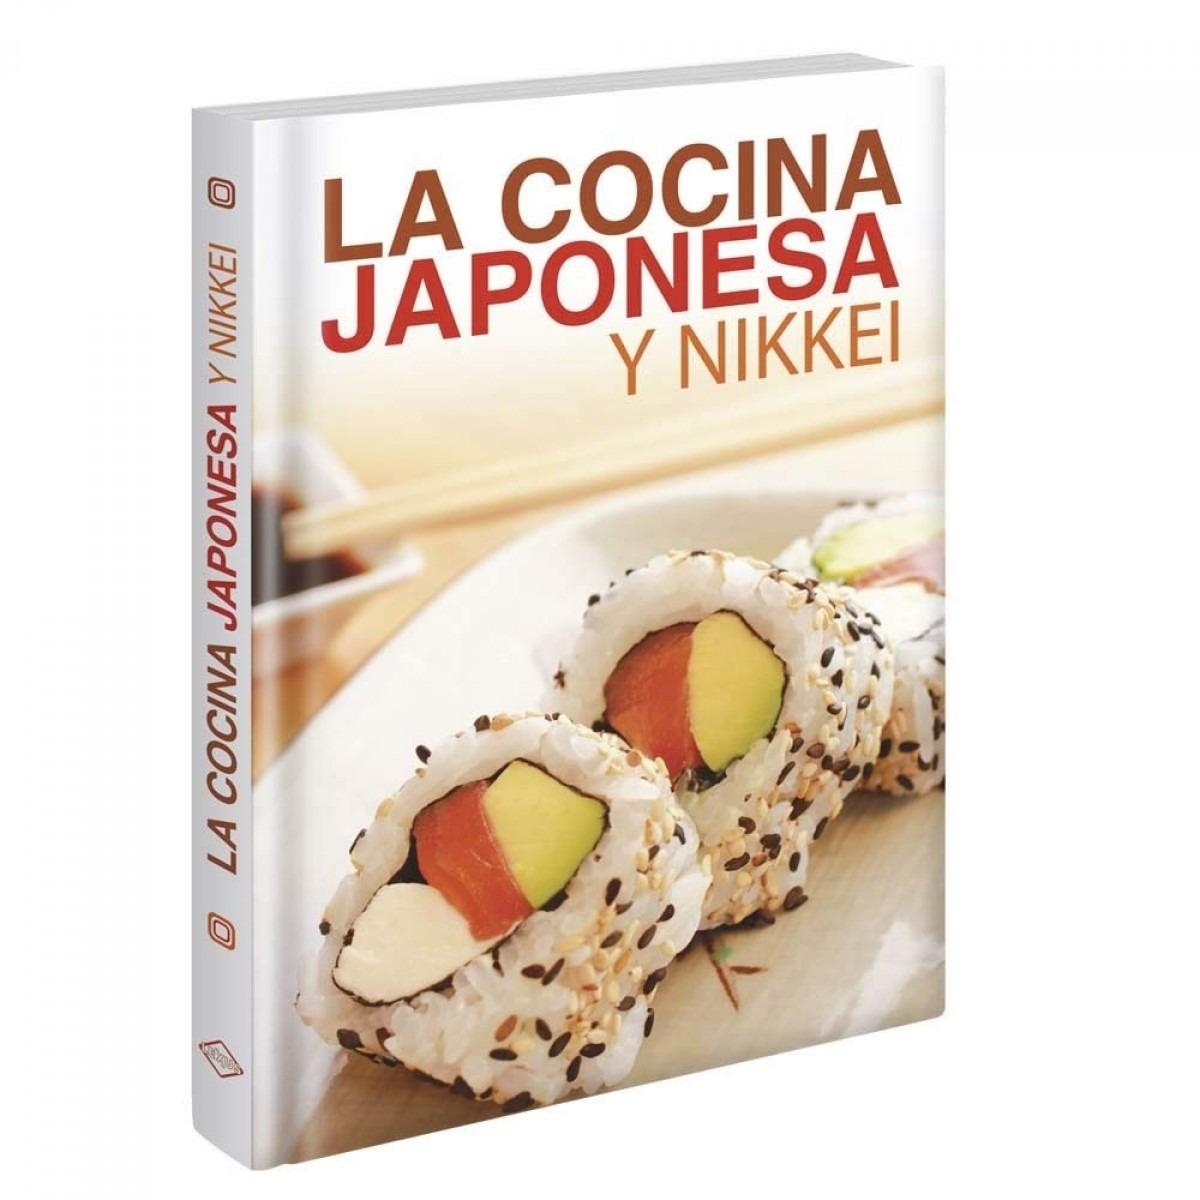 Plidelsa la cocina japonesa y nikkei for Tecnicas basicas de cocina libro